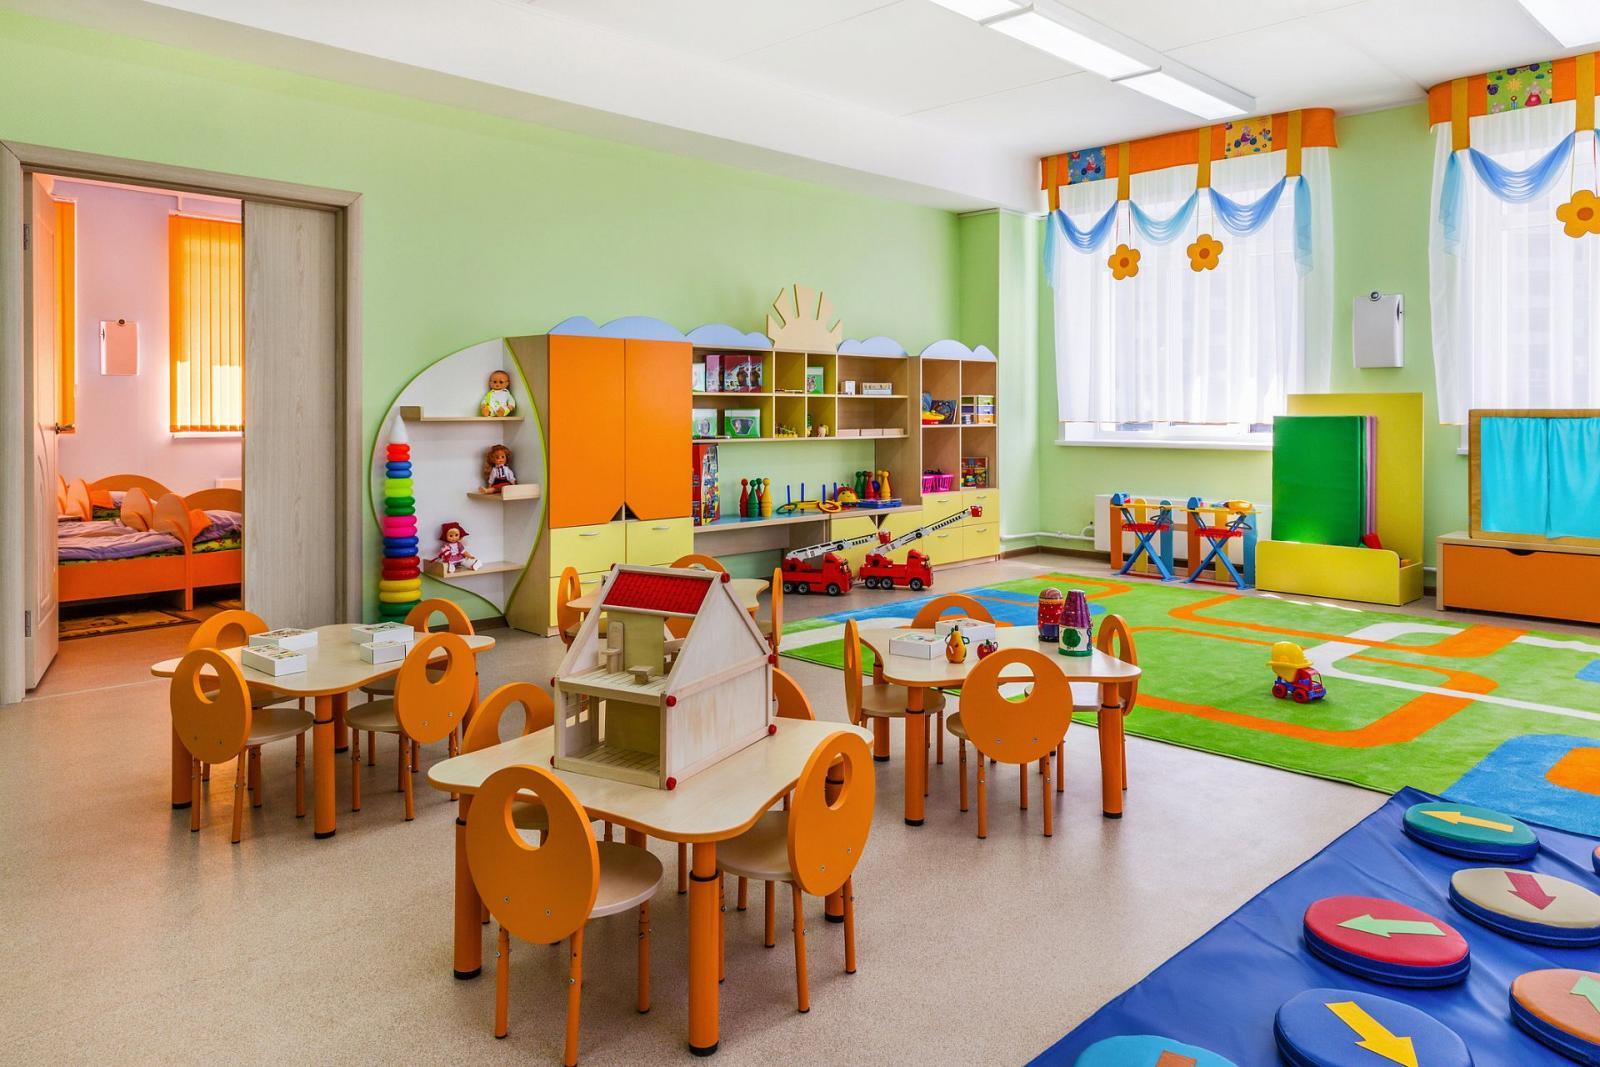 Дежурные группы в брянских детских садах начнут работать с 27 июля